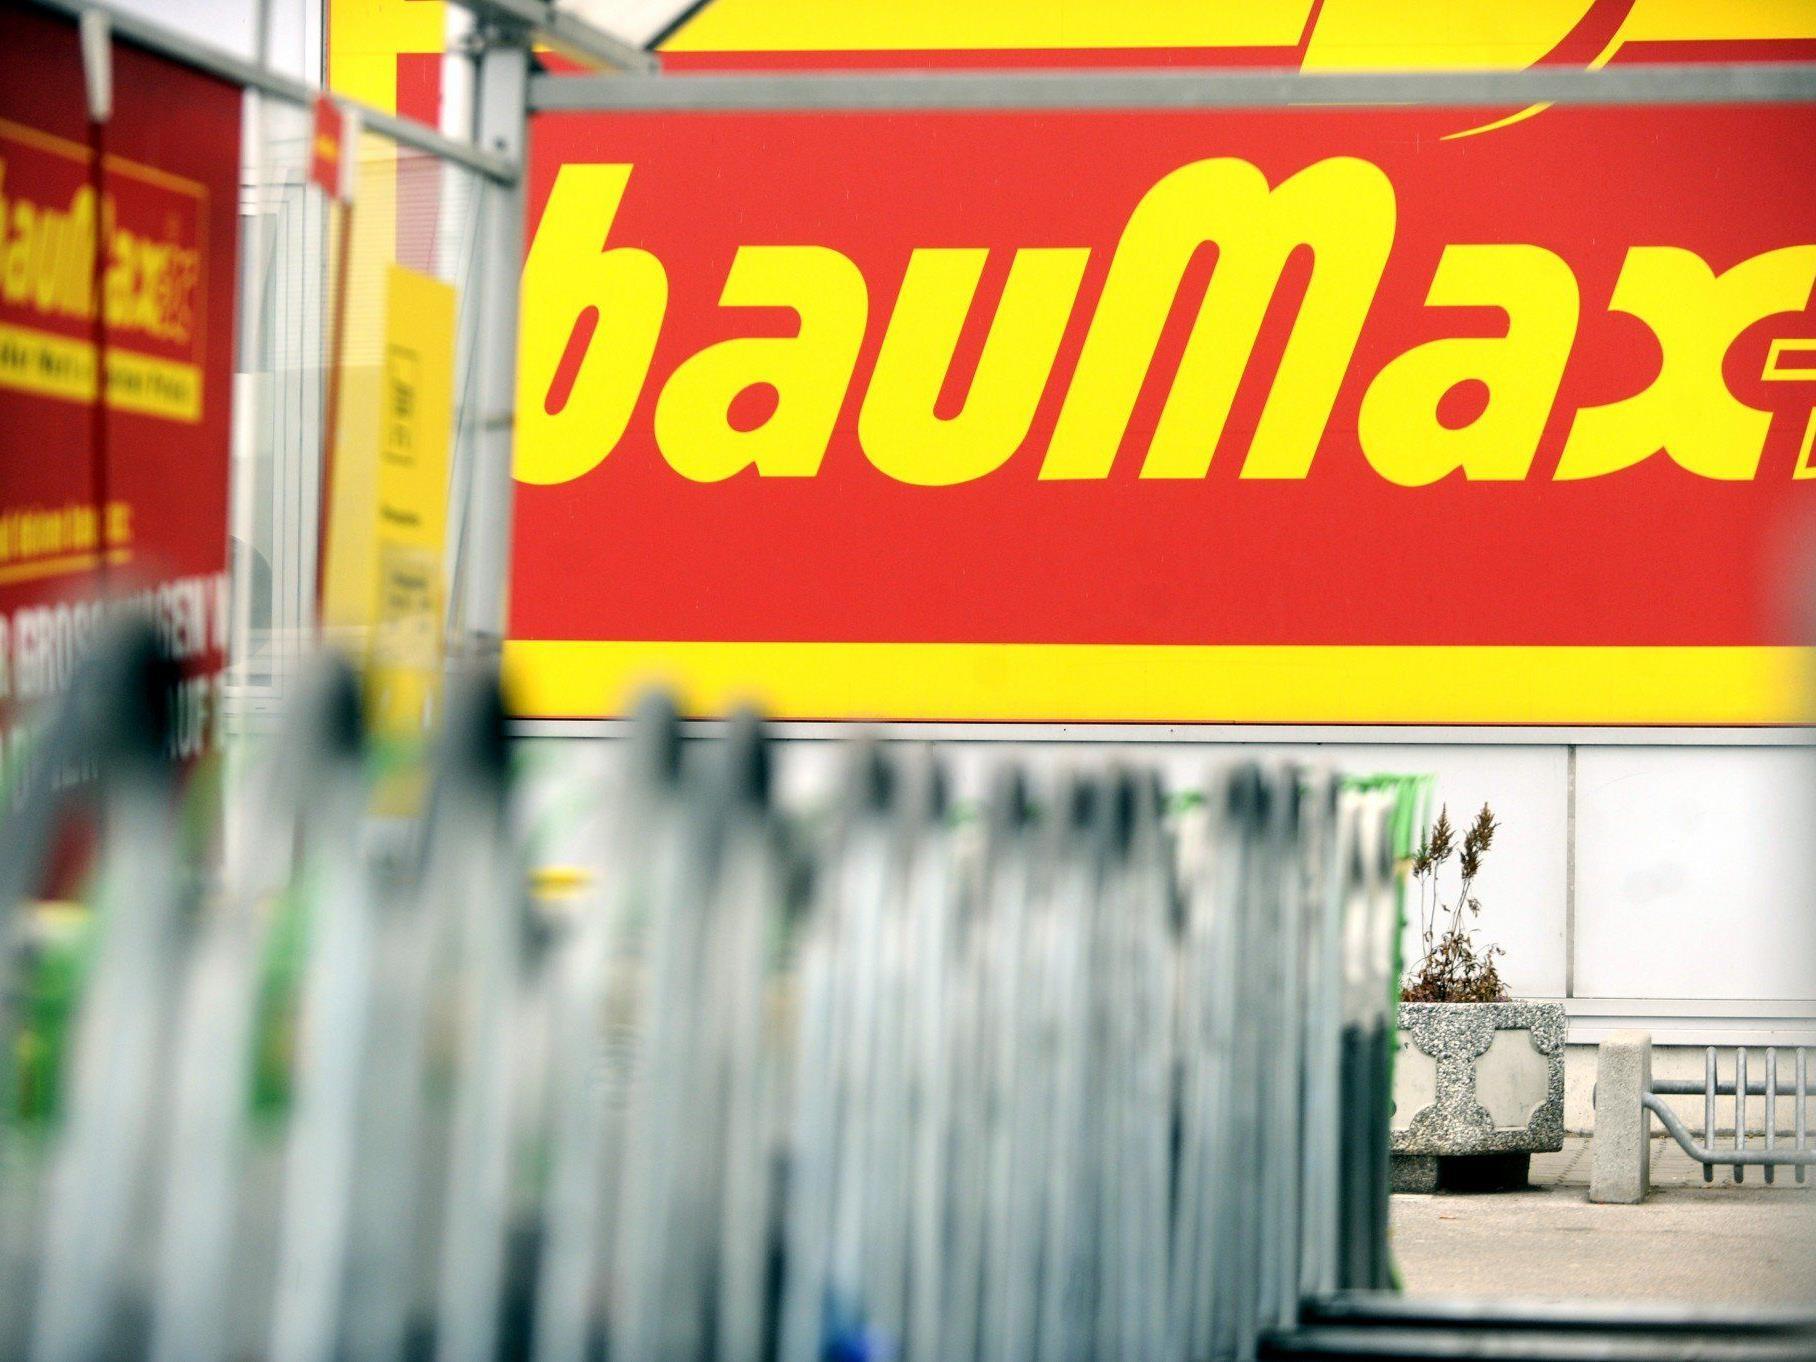 Offiziell bestätigt: Die Steuerzahler haften mit 18 Mio. Euro für bauMax.